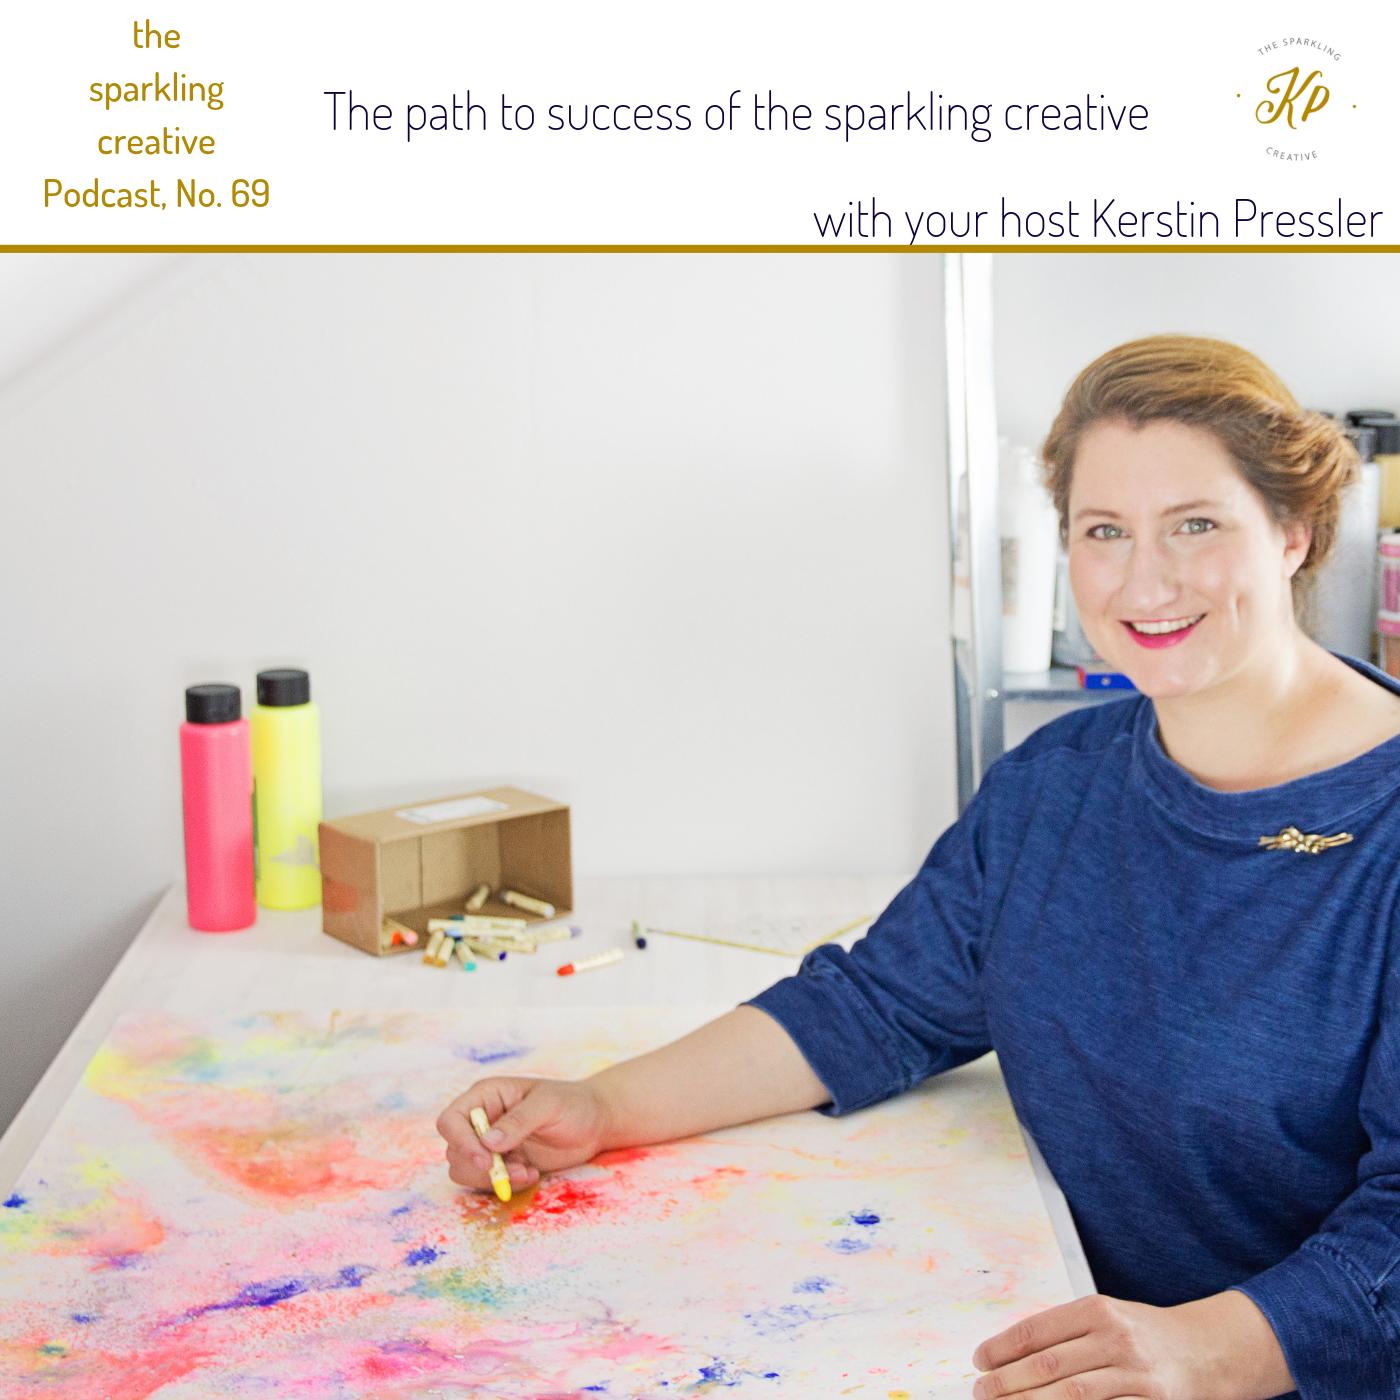 the sparkling creative Podcast, Episode 69: The path to success of the sparkling creative, www.kerstinpressler.com/blog-2/episode69